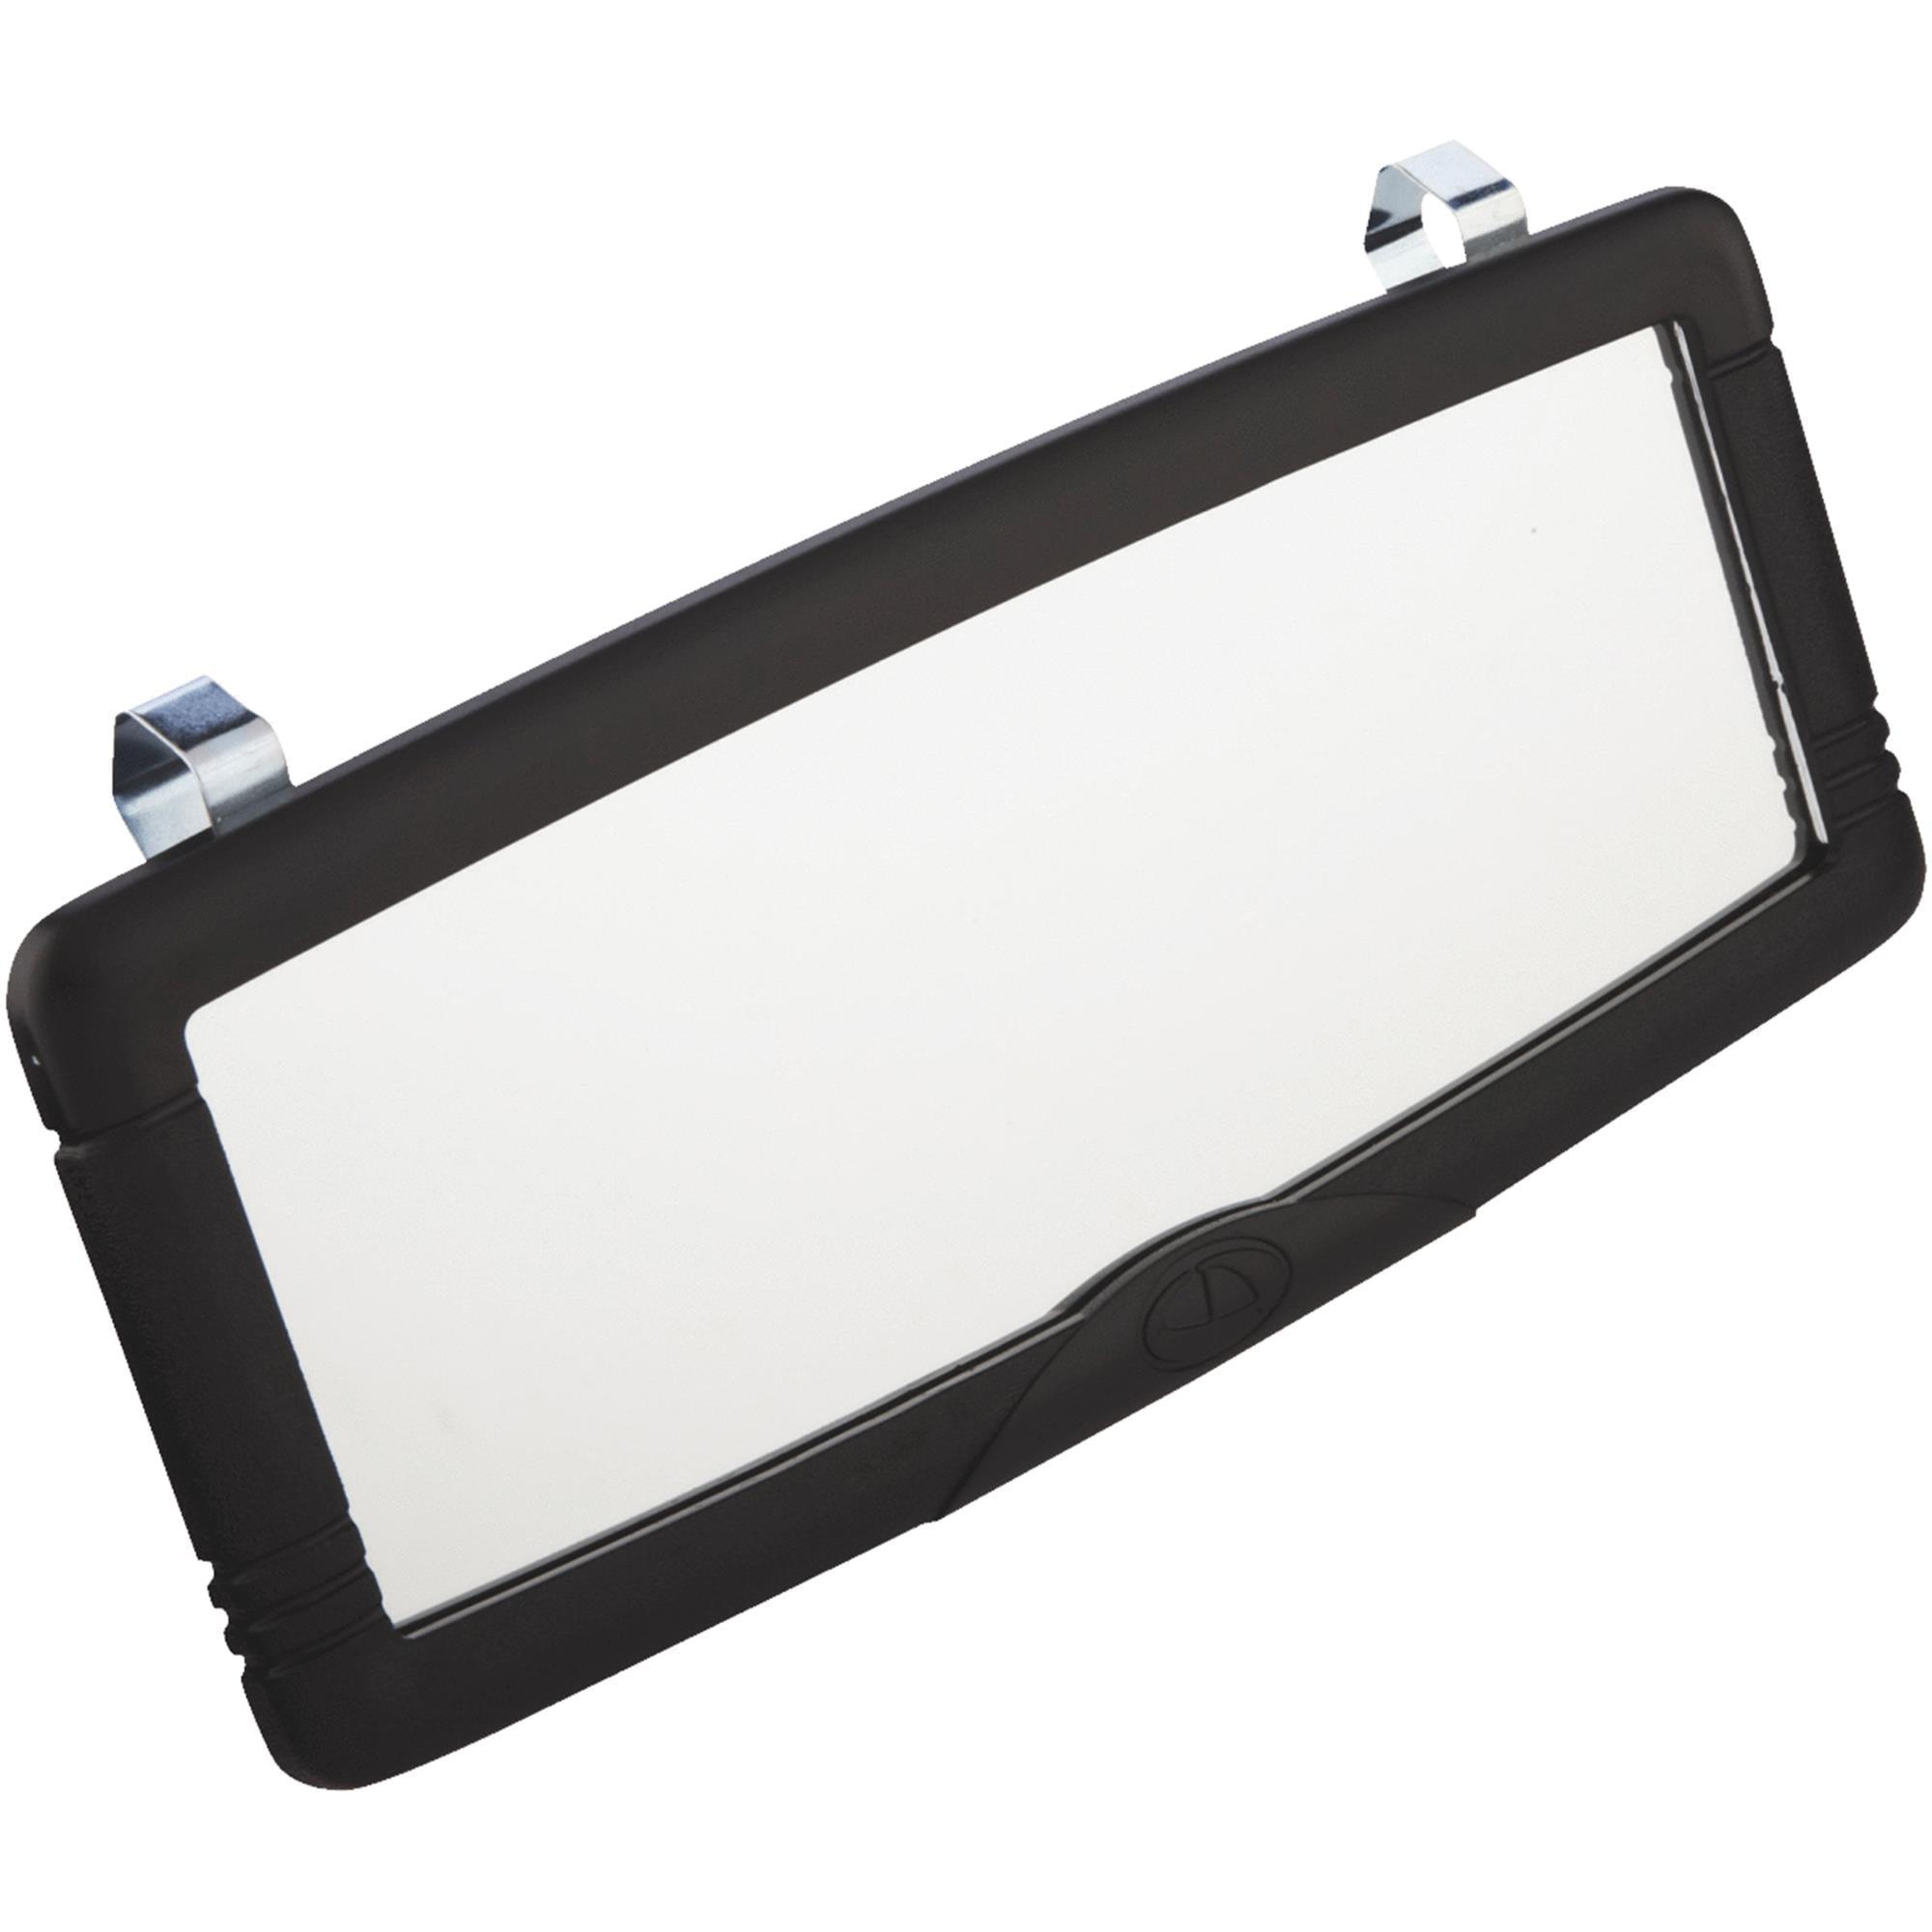 Deluxe Visor Mirror